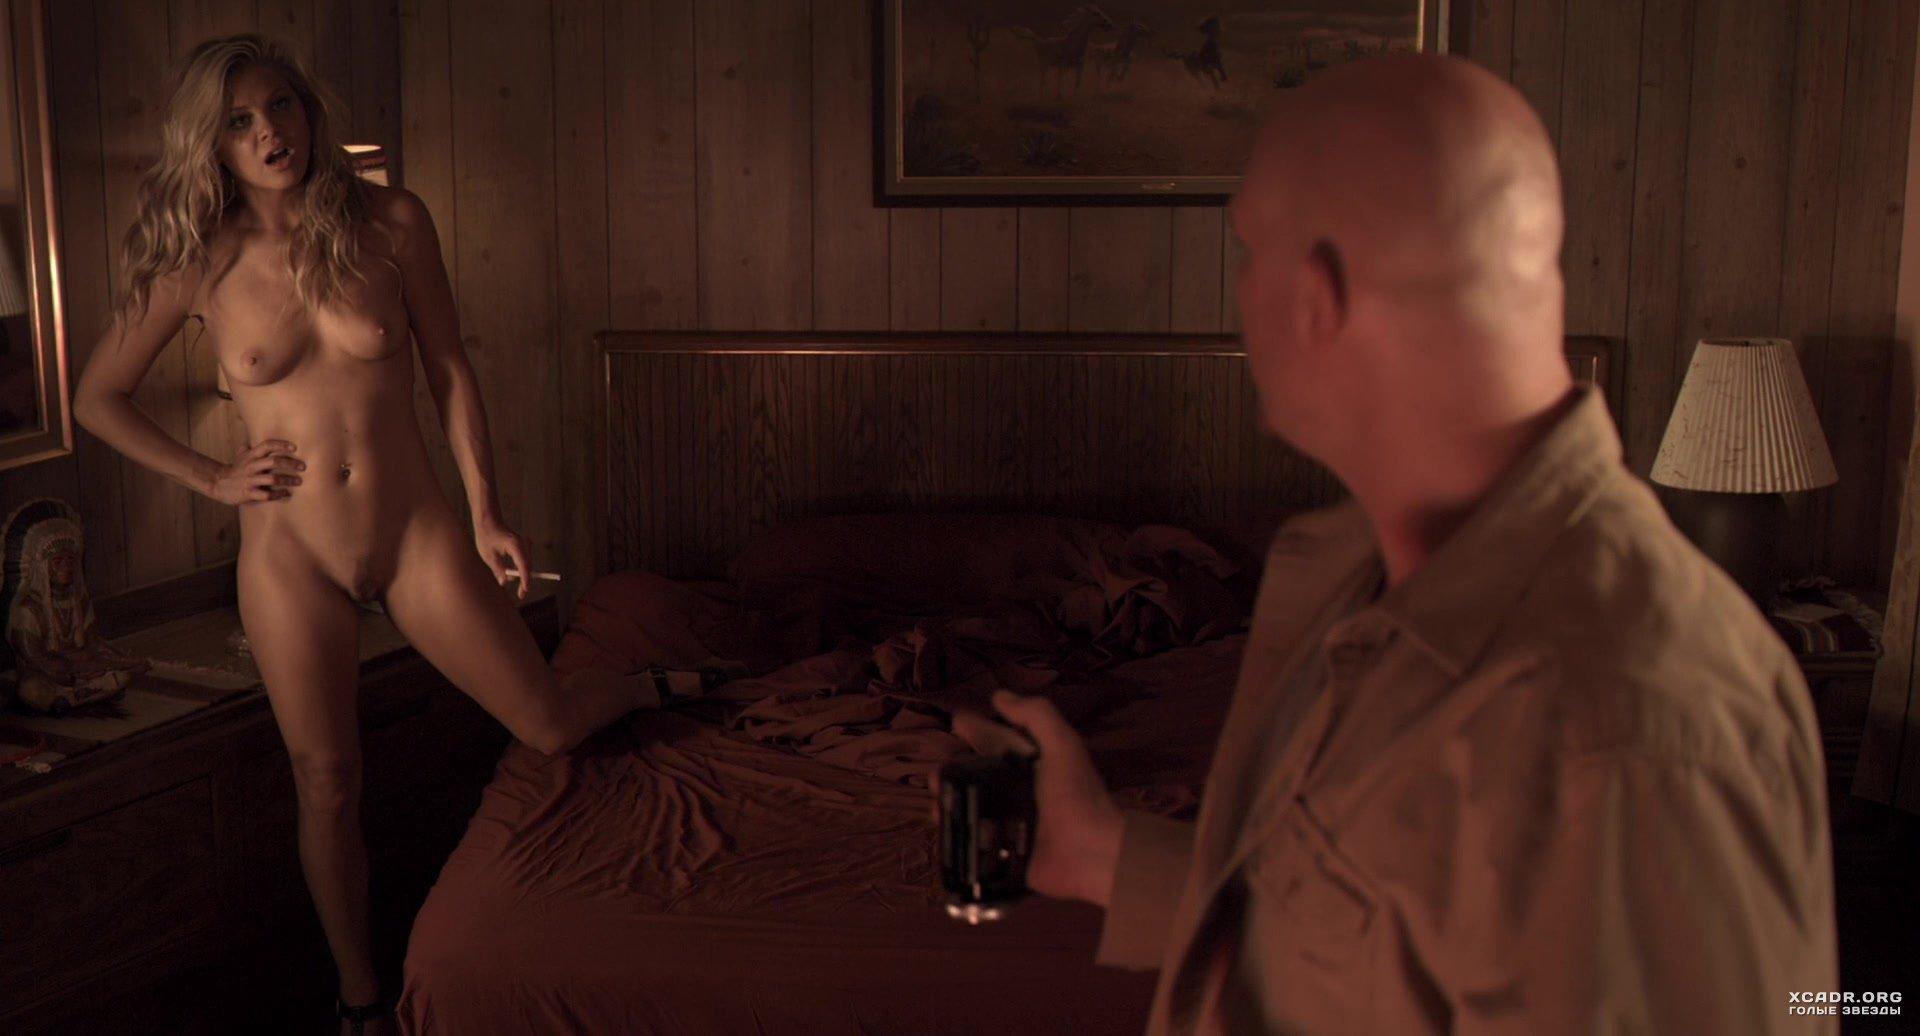 Внутри порно сцены из фильмов знаменитостей русские милые девушки